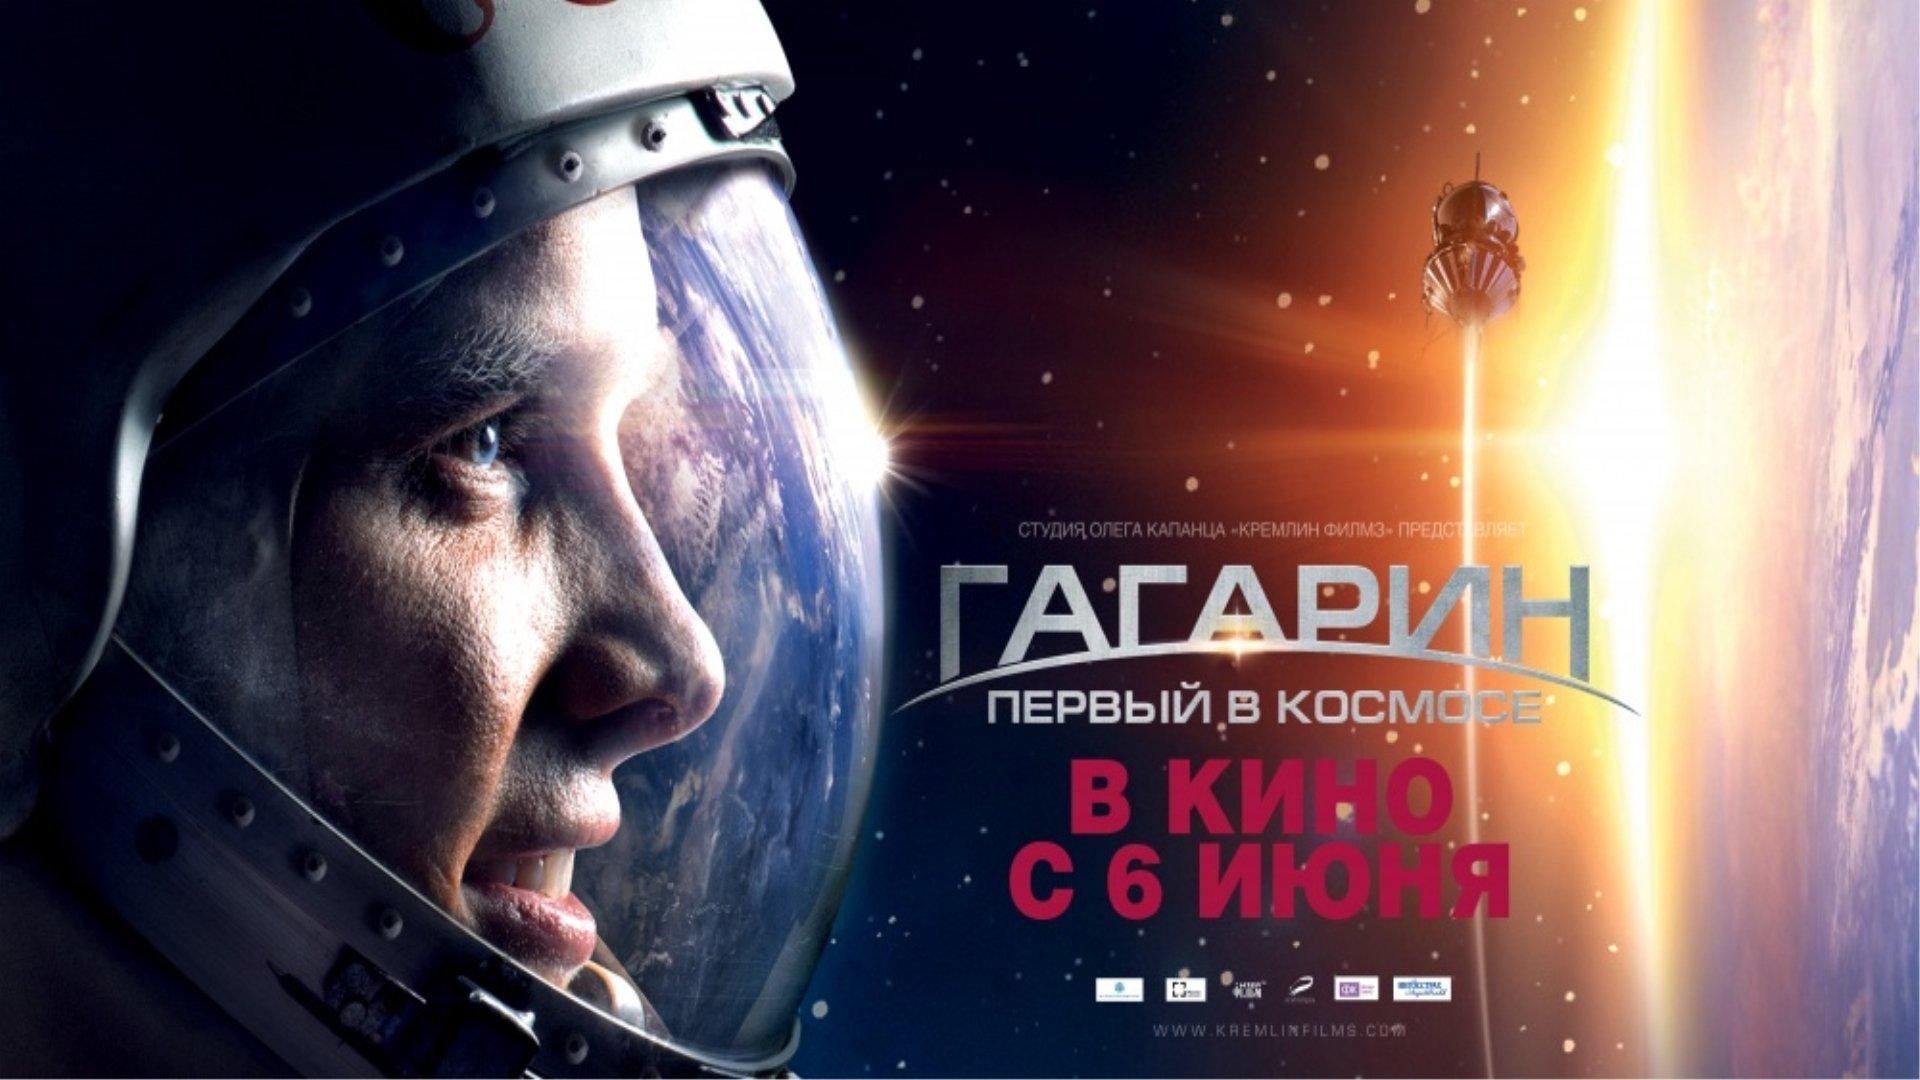 Гагарин. Первый в космосе смотреть фото